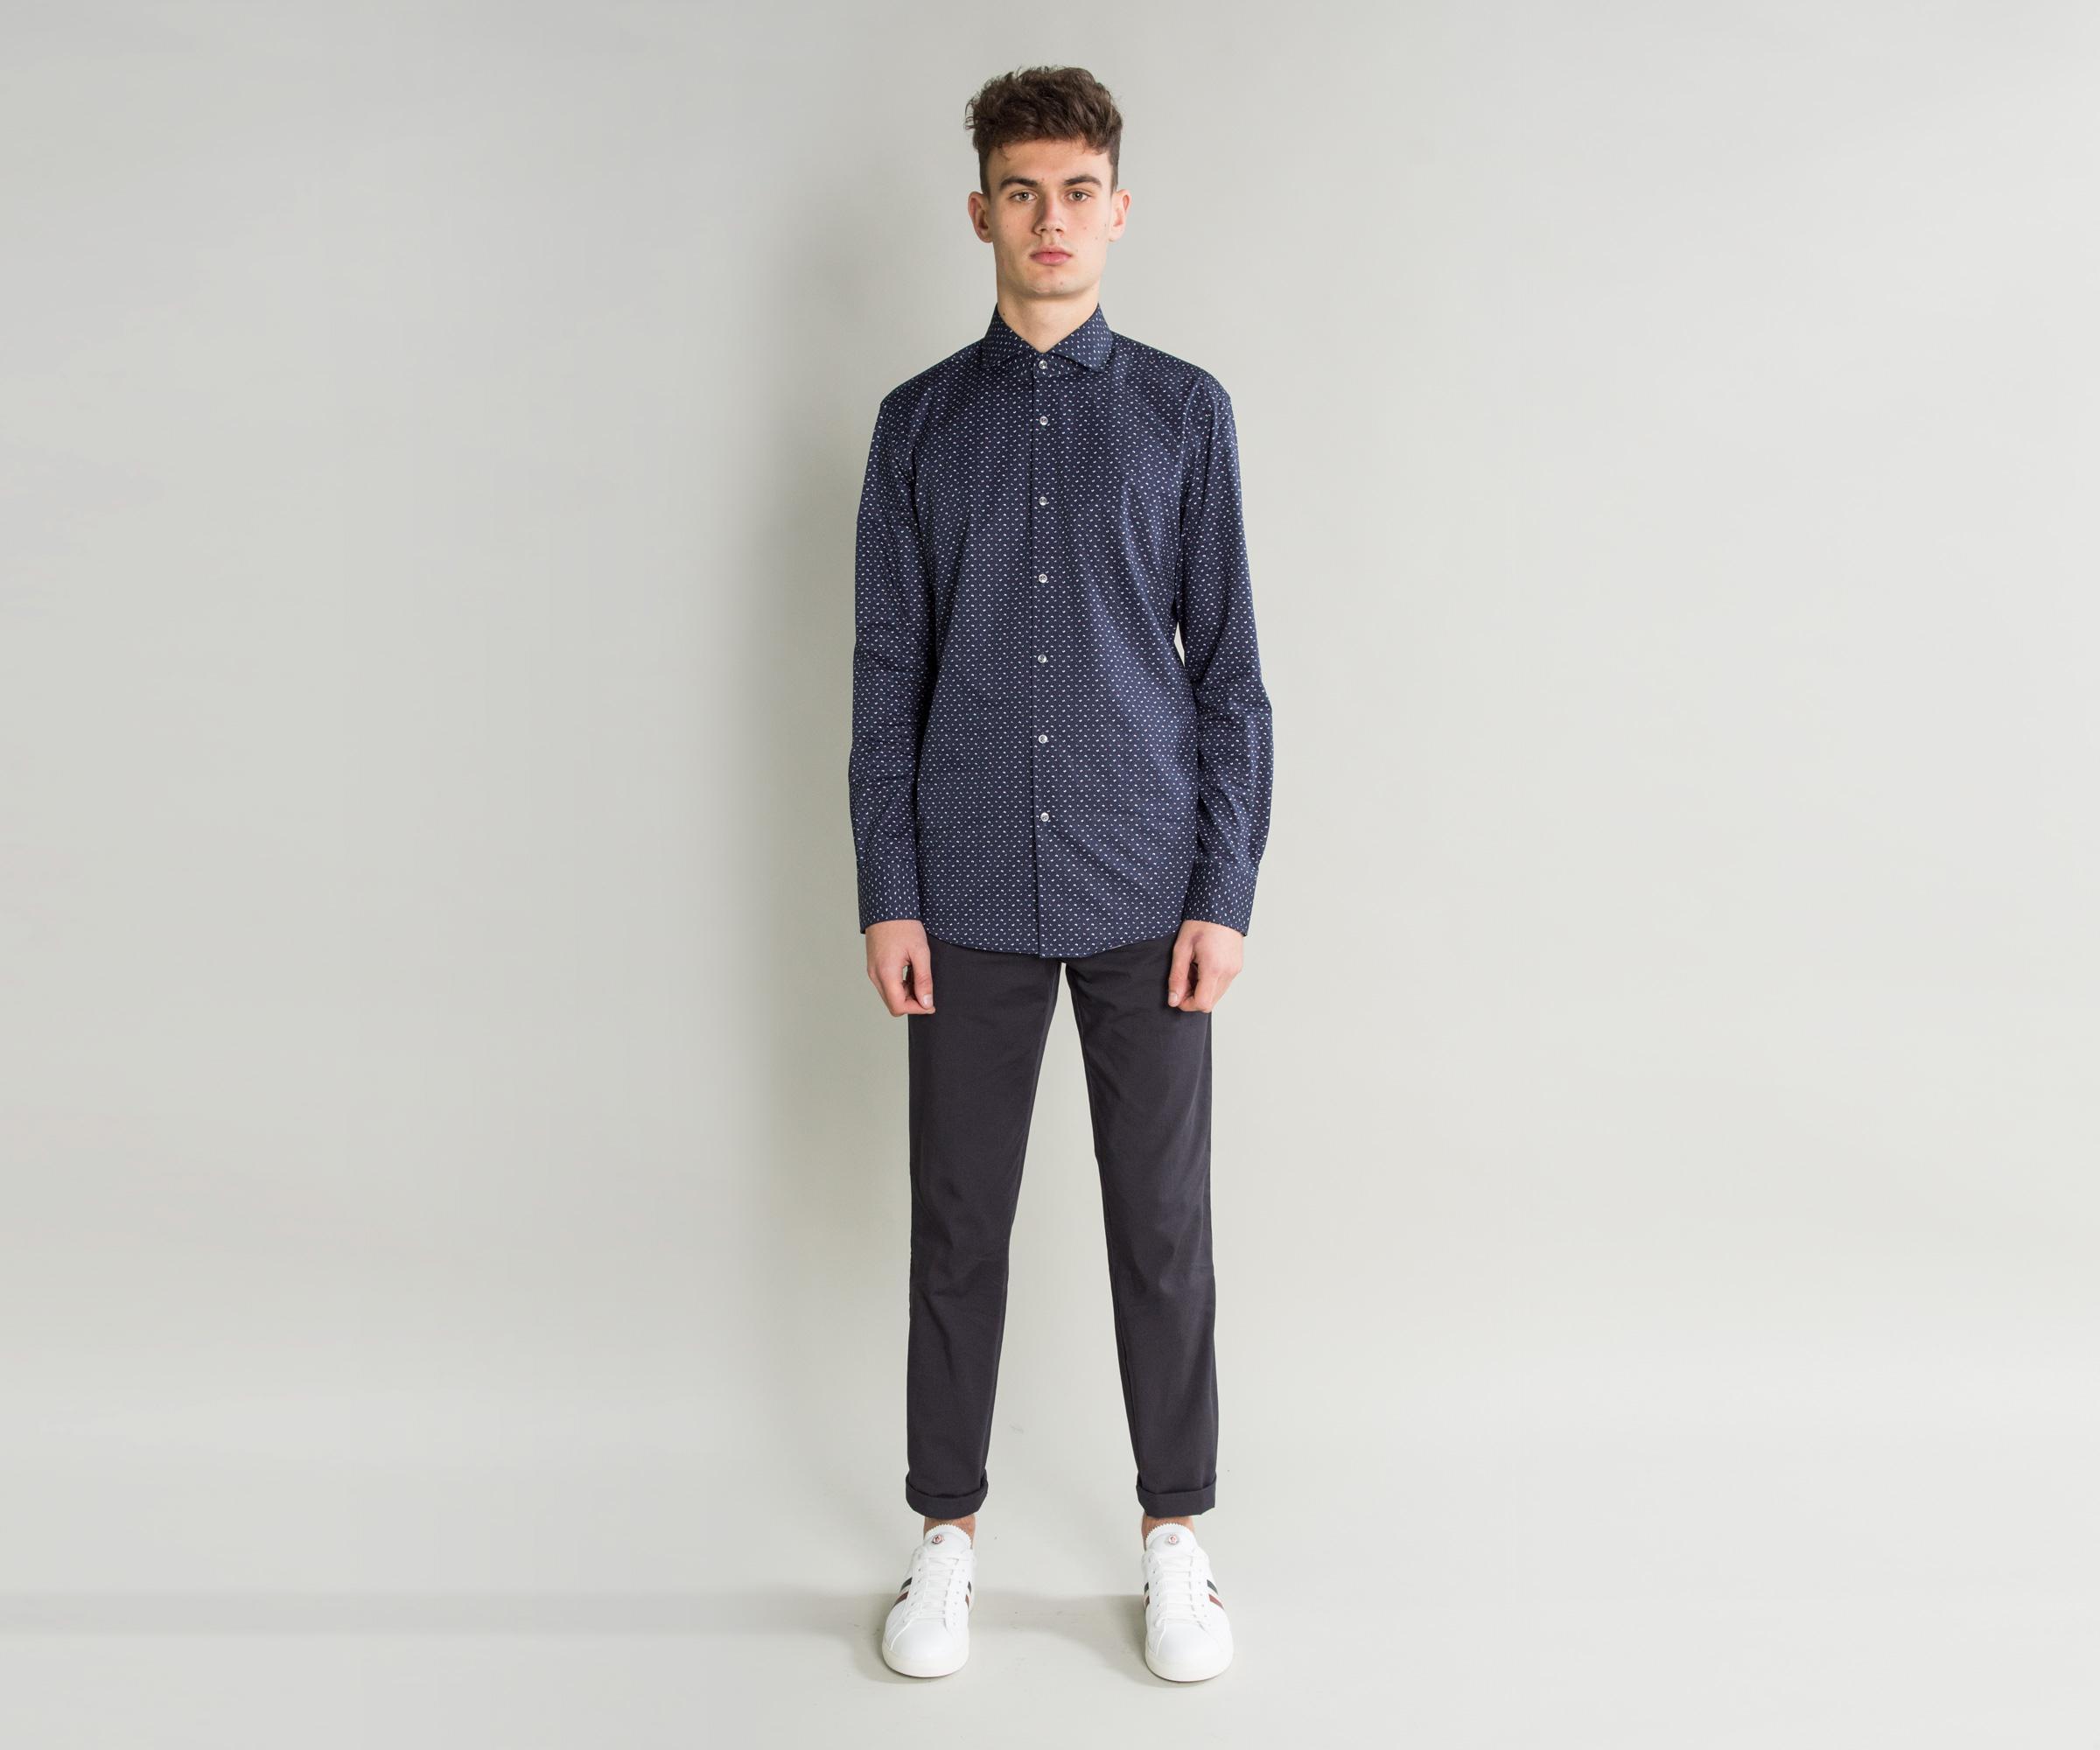 Lyst boss 39 jason 39 slim fit patterned shirt navy in blue for Hugo boss jason shirt